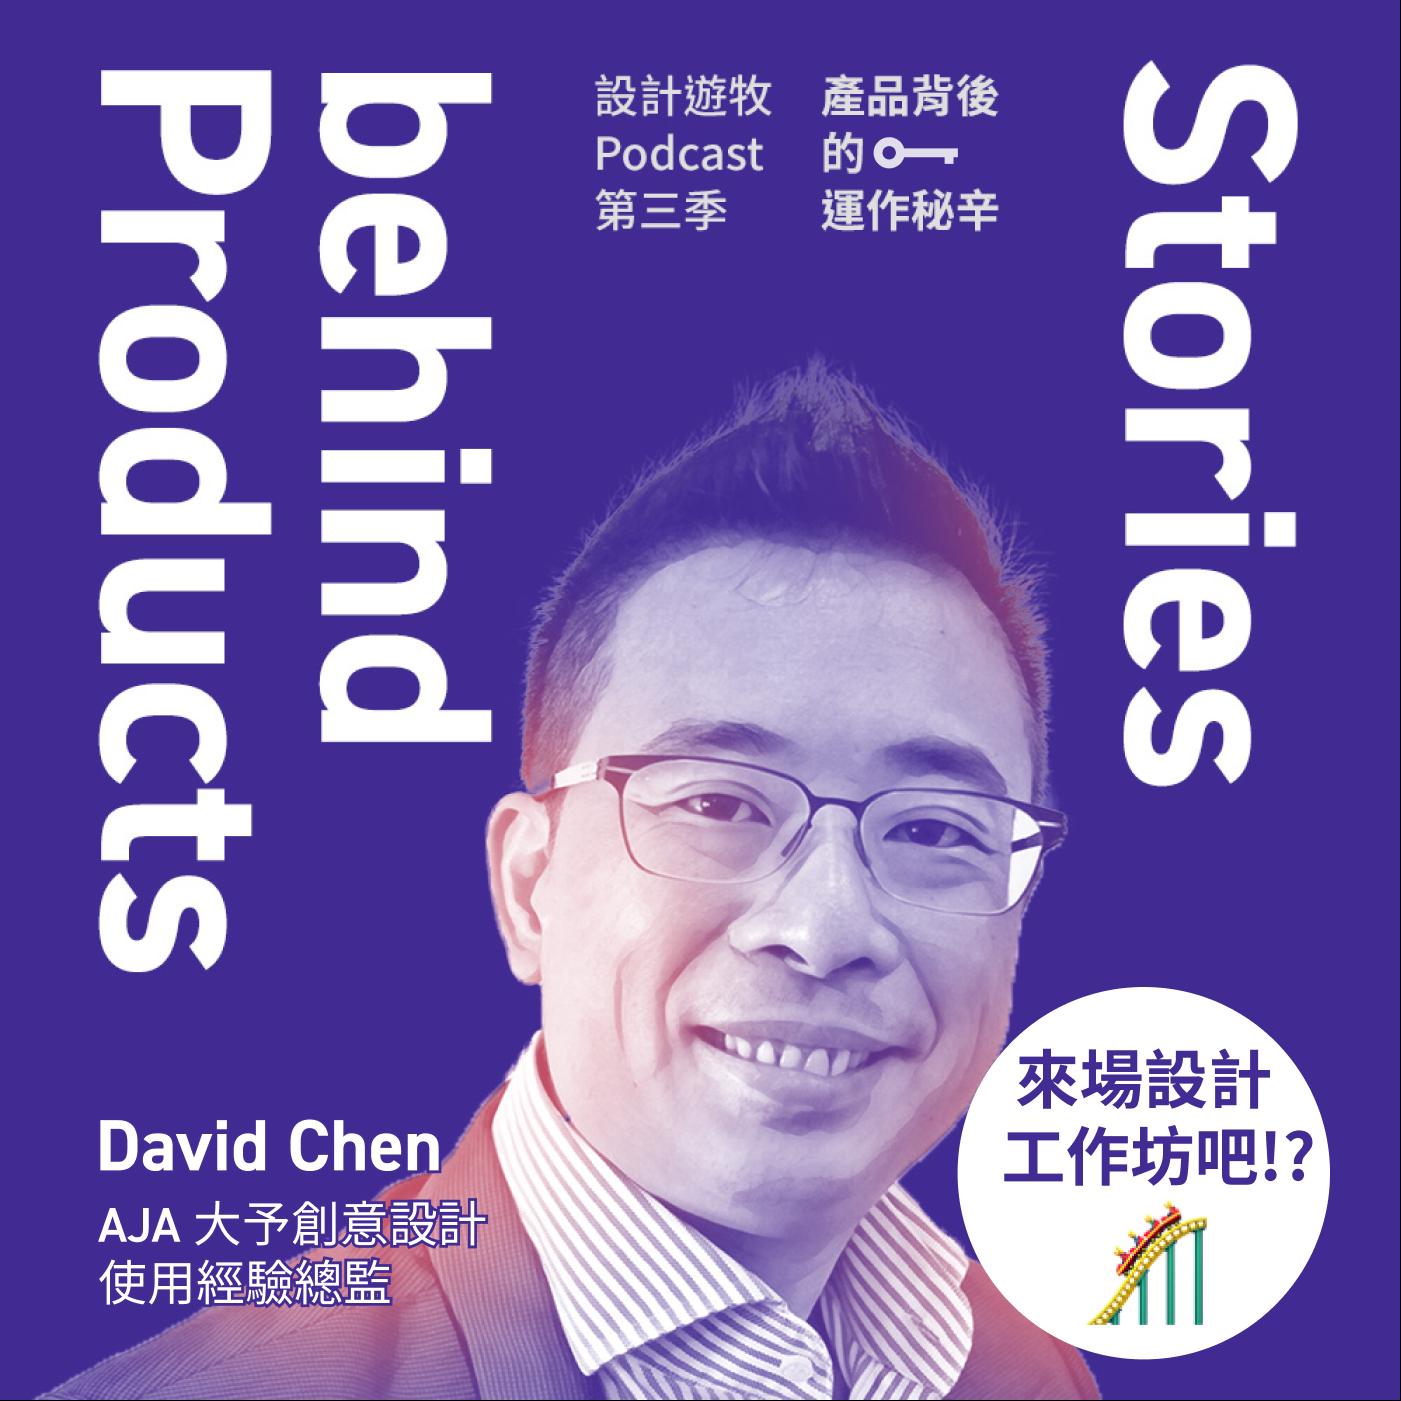 S3EP26 卡住了,就來場設計工作坊吧!? |陳文剛 David Chen|AJA 大予創意設計、工作坊設計、工作坊迷思與成功關鍵